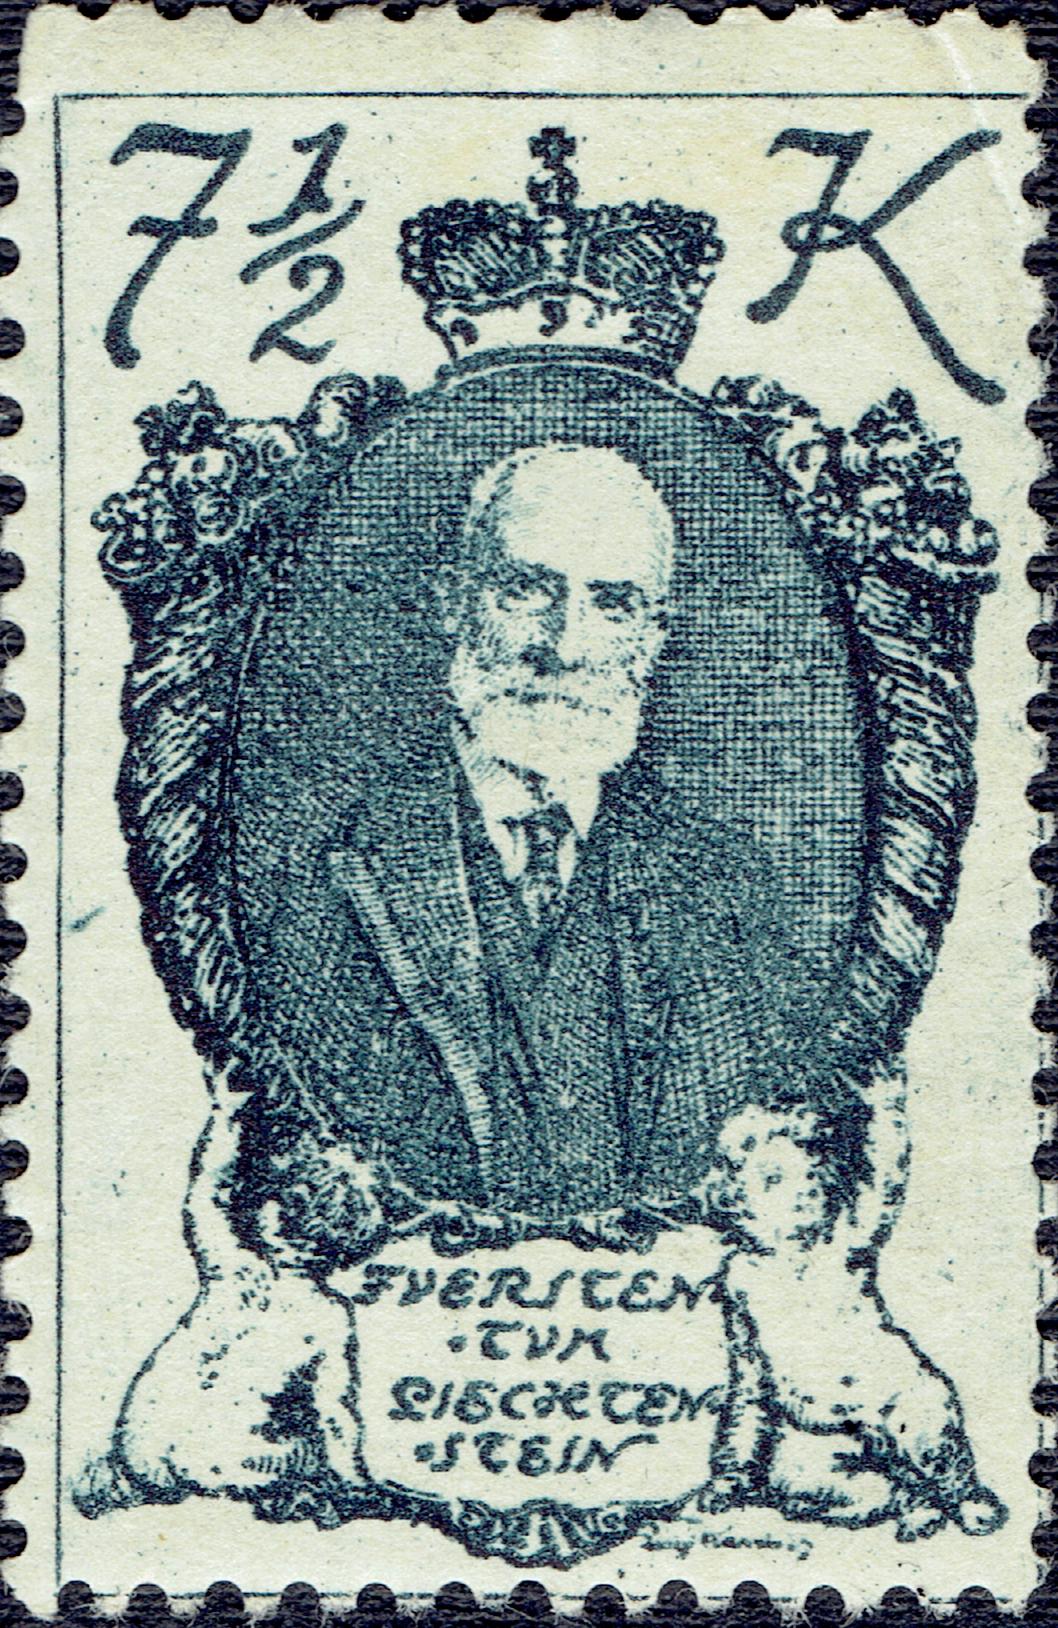 Liechtenstein #45 (1920)